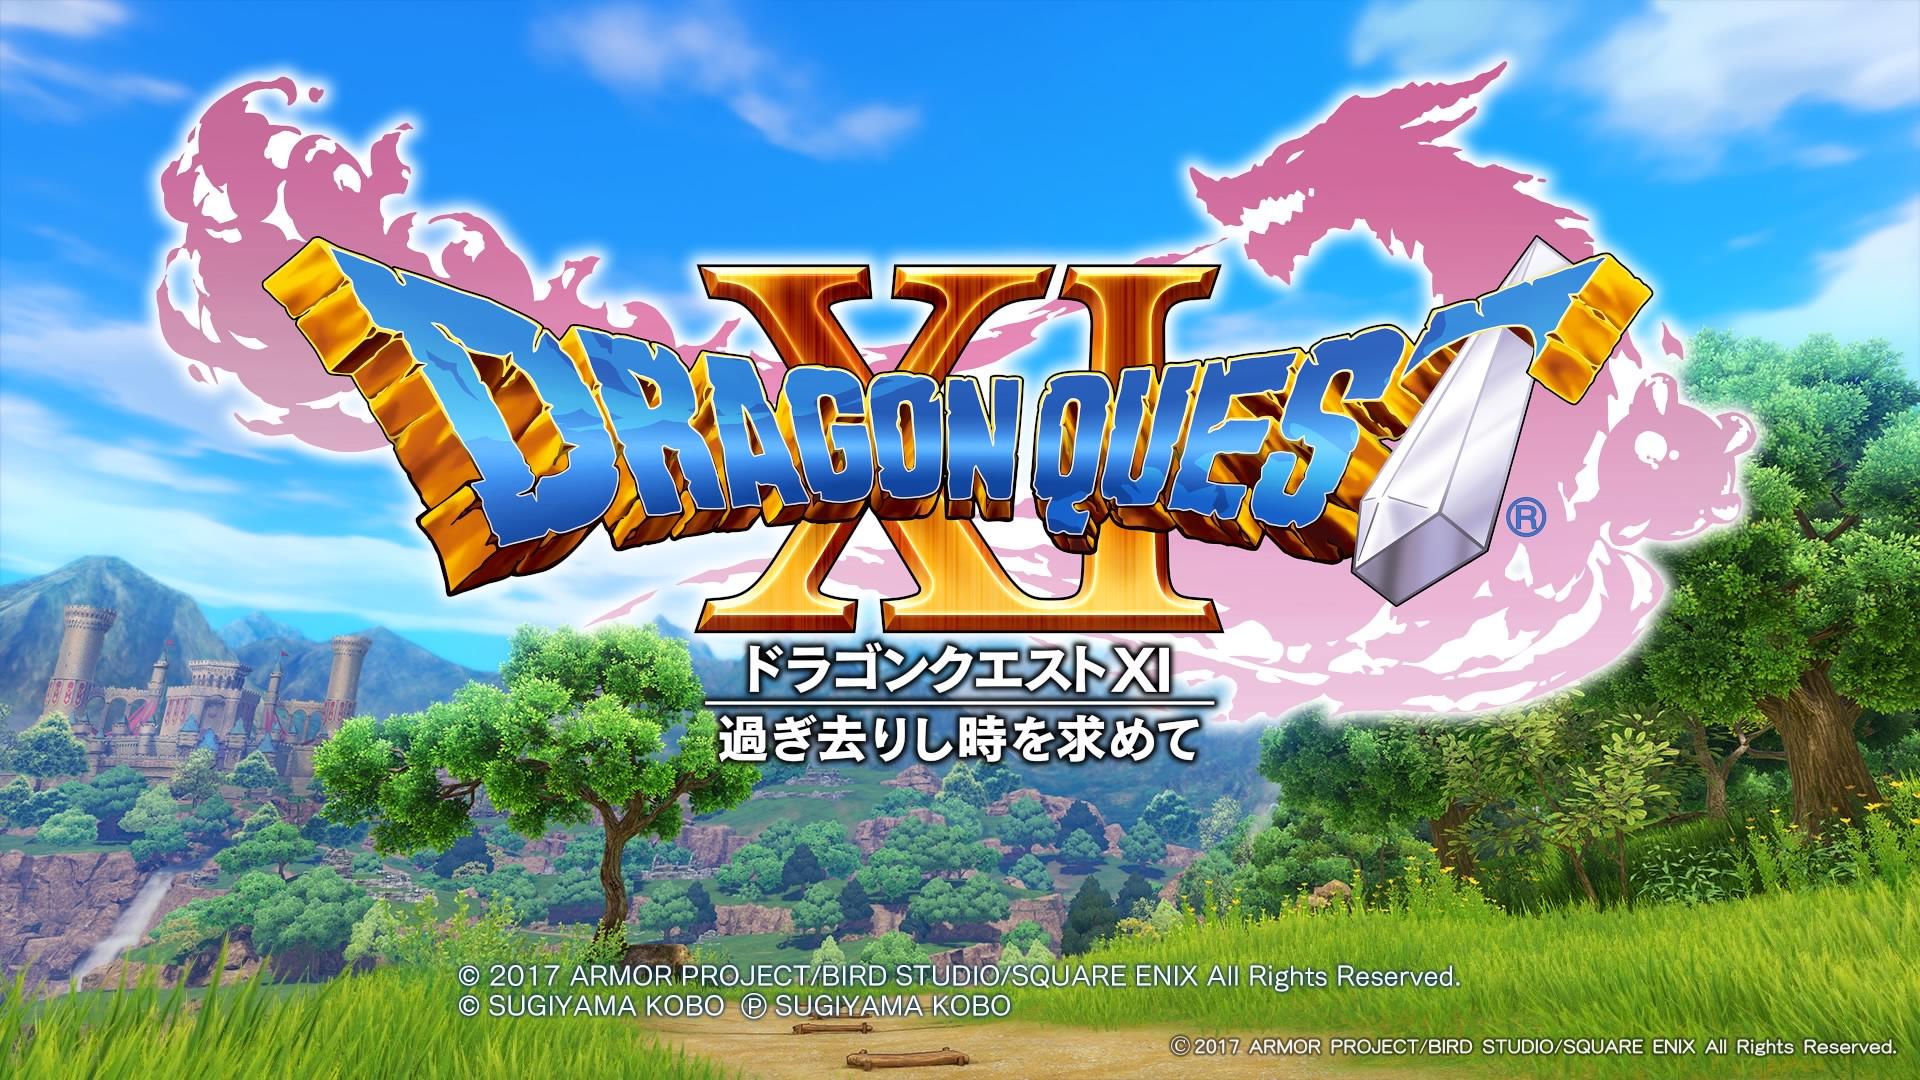 「ドラゴンクエストXI」サブタイトルが「過ぎ去りし時を求めて」です。PS4版と3DS版の2タイプがありますが、PS4版です。NintendoSwitch版も出るのだとか。